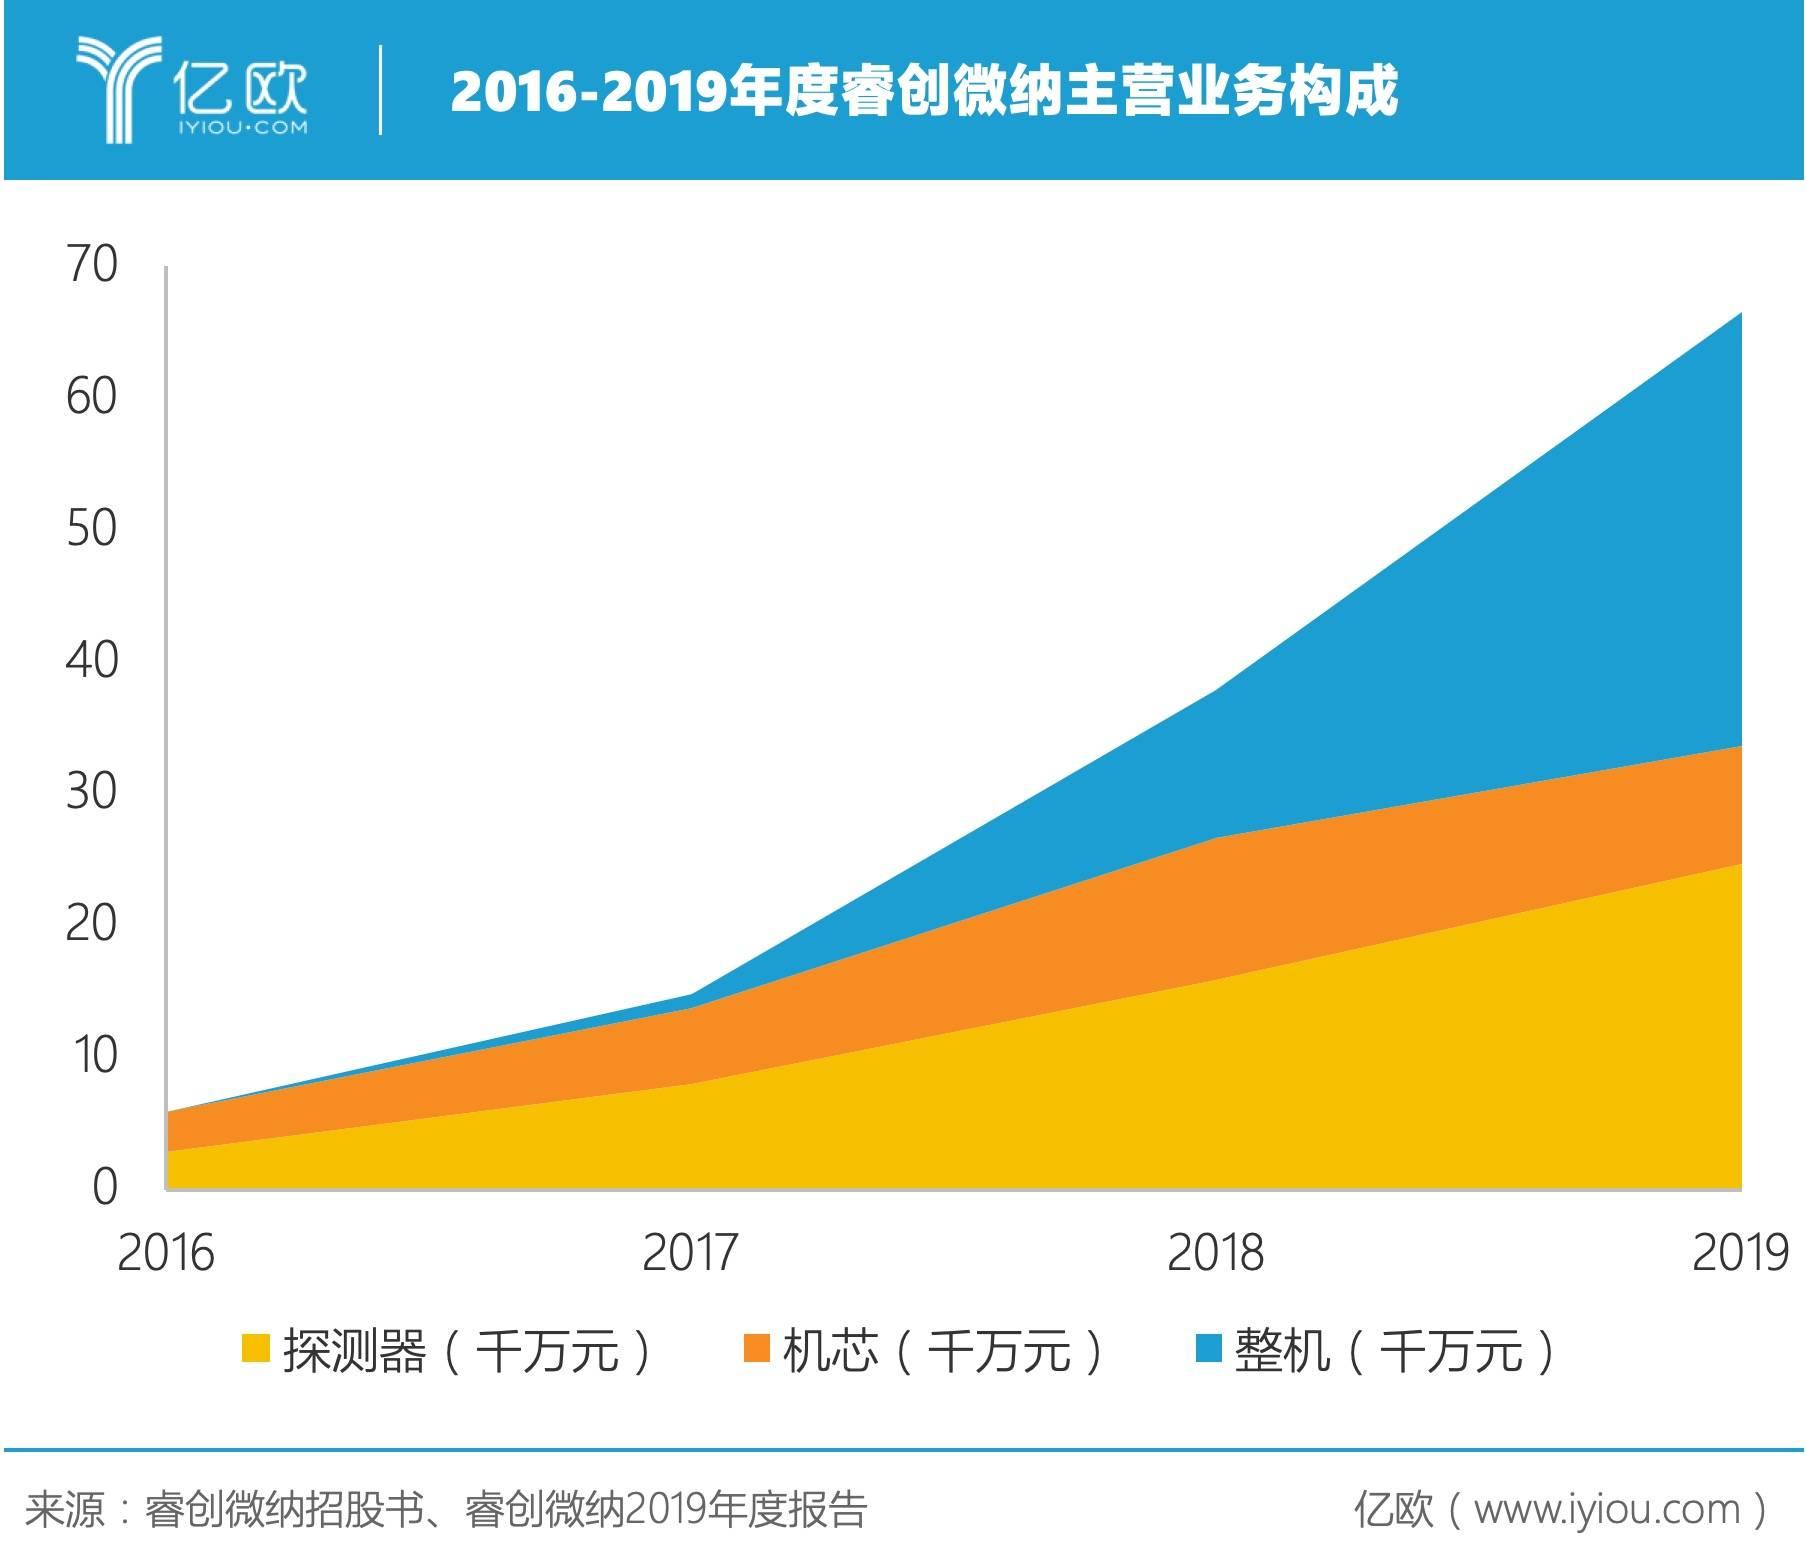 2016-2019年度睿创微纳主营业务构成.jpeg